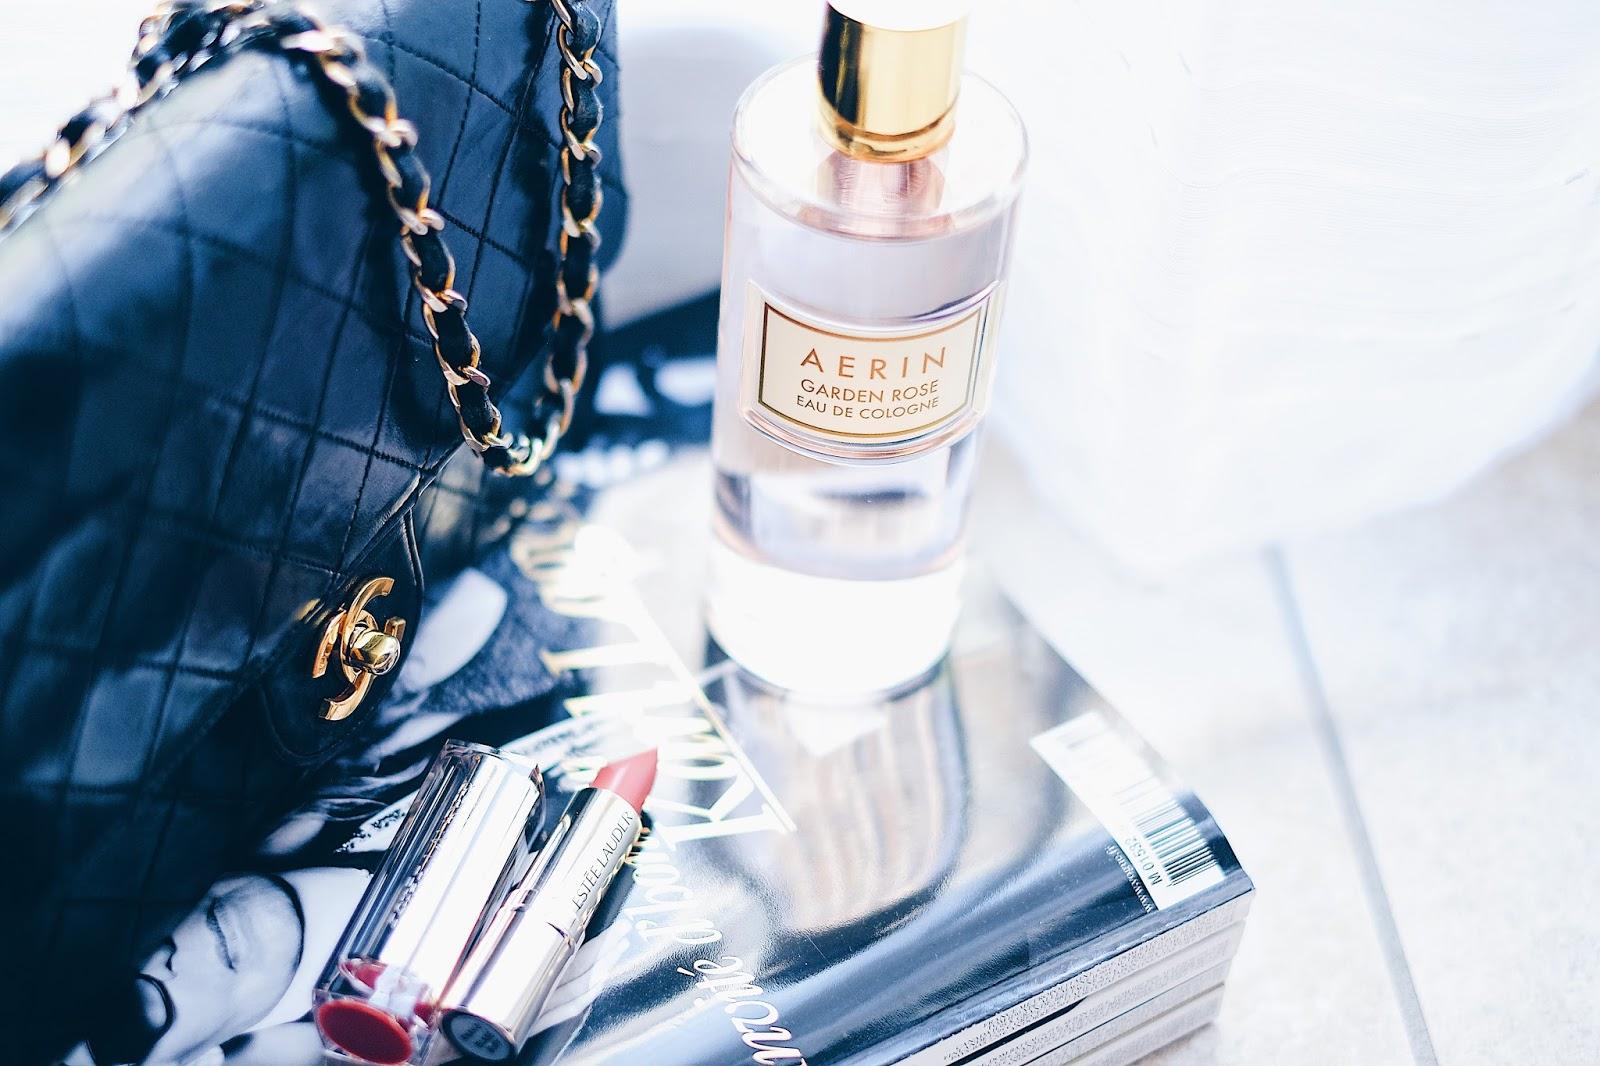 parfum_aerin_garden_rose